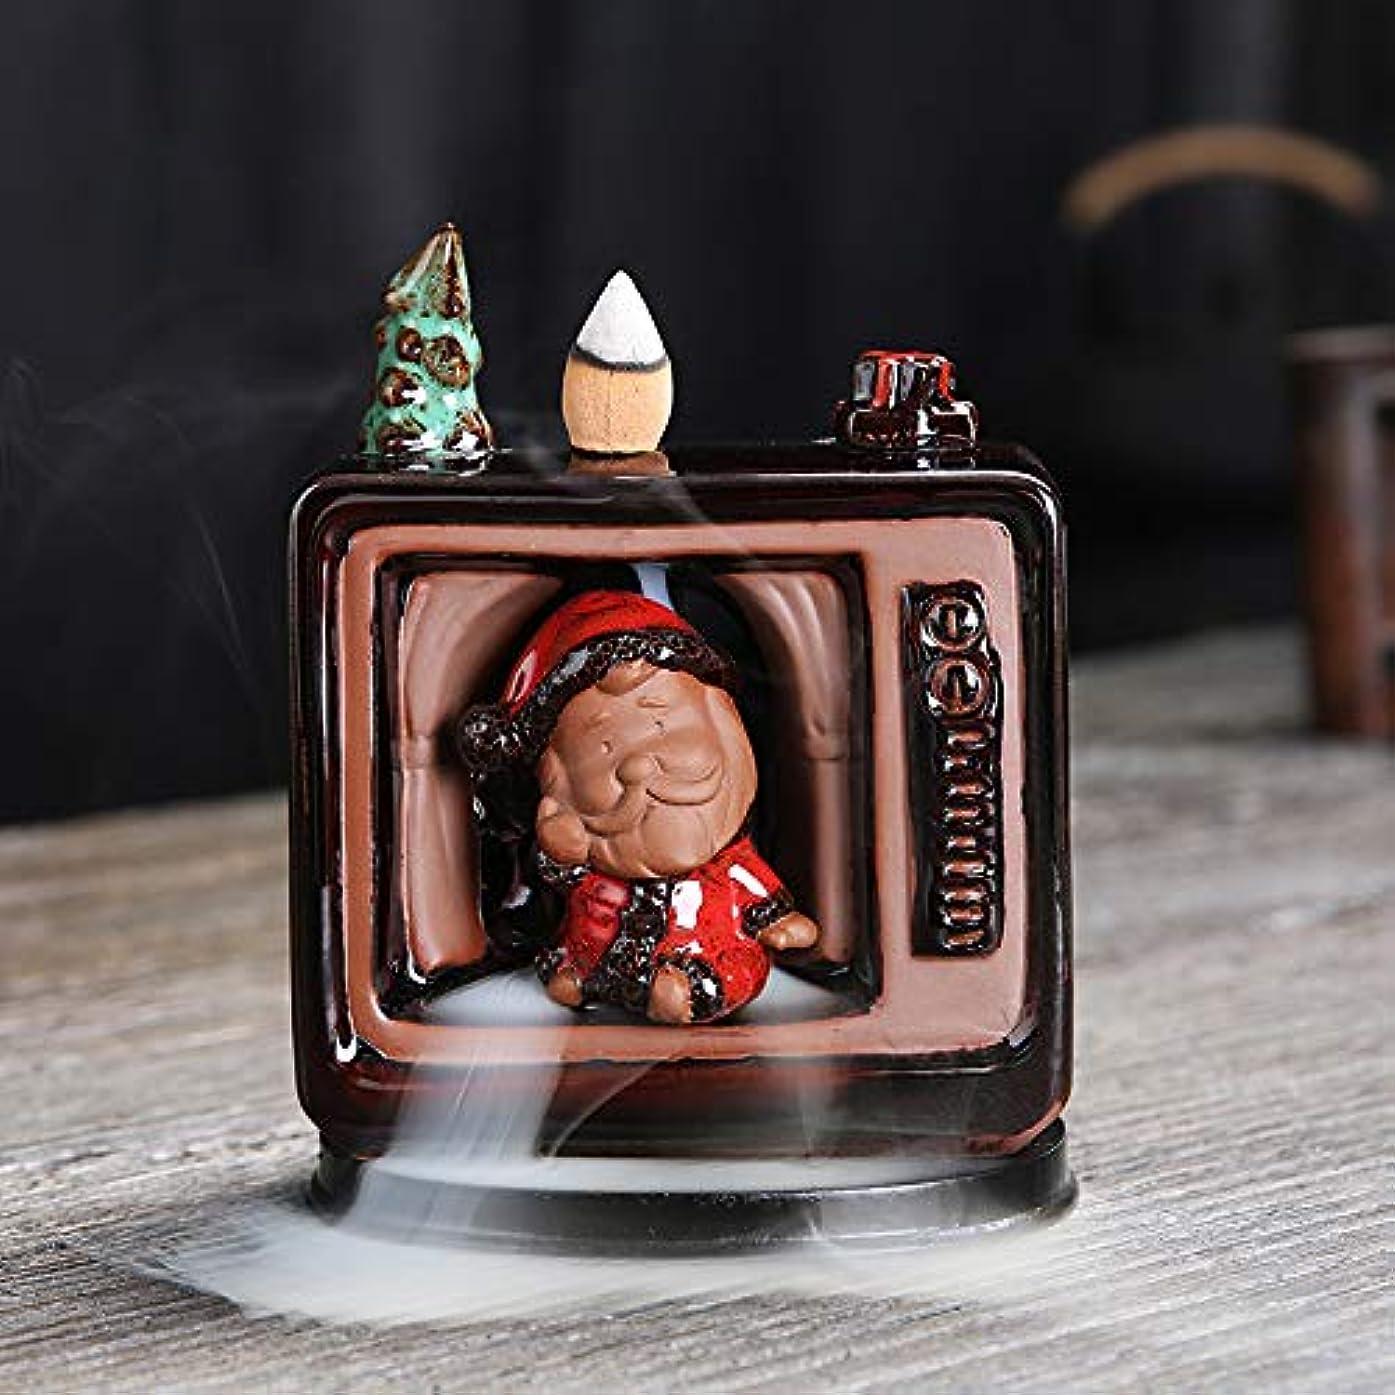 性別きちんとした安西セラミックリフロー香炉香炉サンタクロースヨガ瞑想家の装飾や手工芸に適しています中国のクリスマスギフトスノーマン香炉クリスマス香炉11 * 6 * 14cm